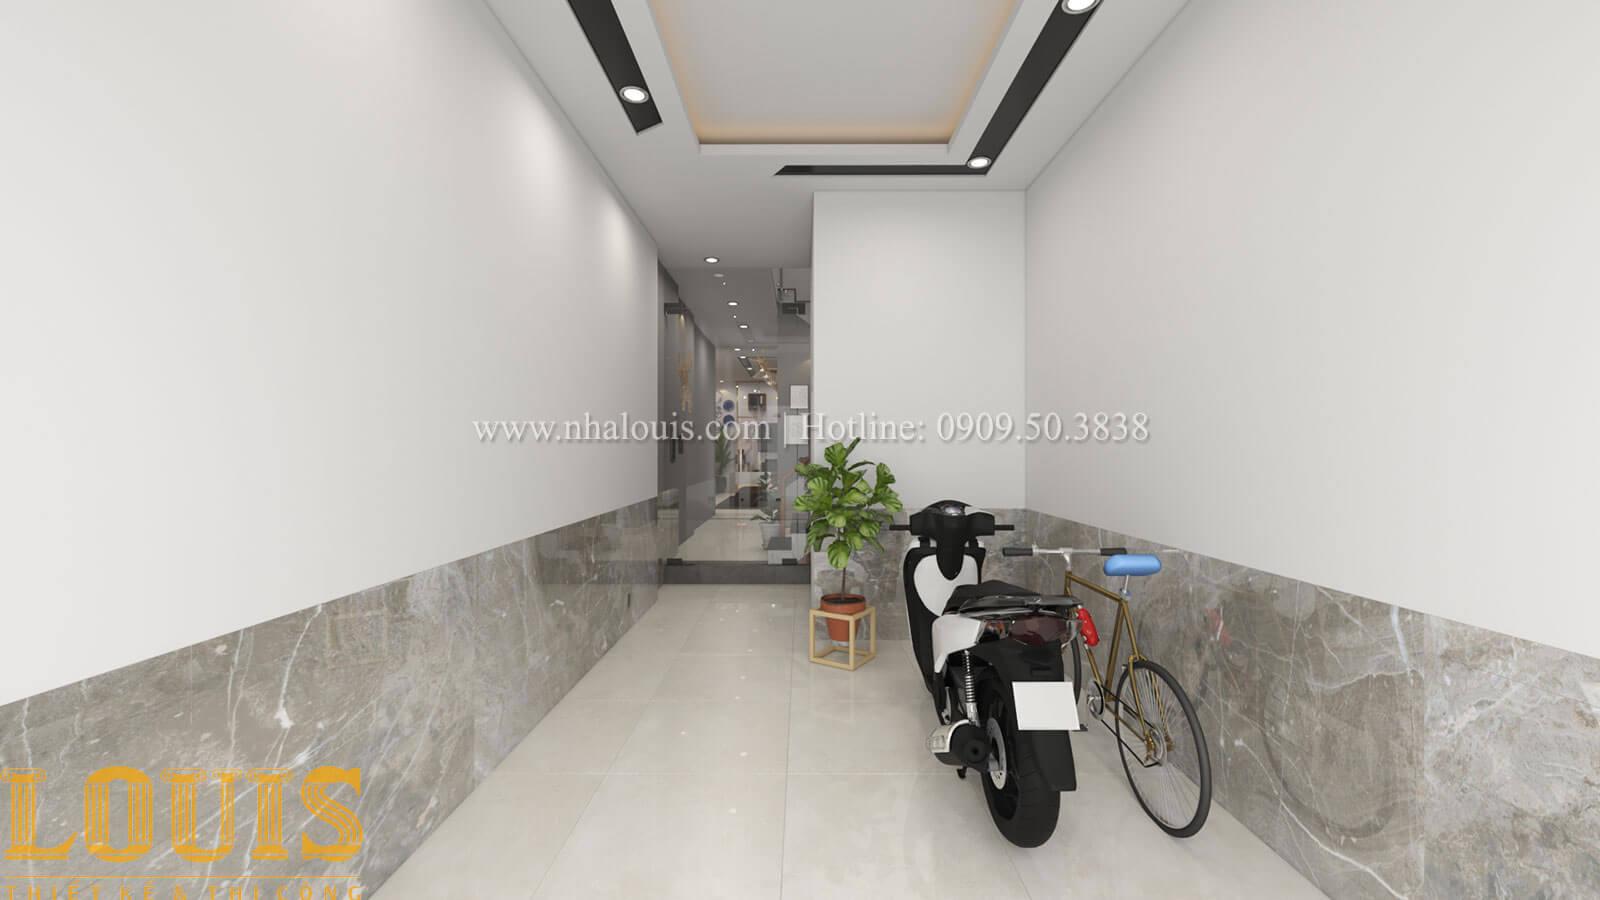 gara Mẫu nhà 5 tầng đẹp hiện đại với thiết kế tối giản tại Tân Bình - 09